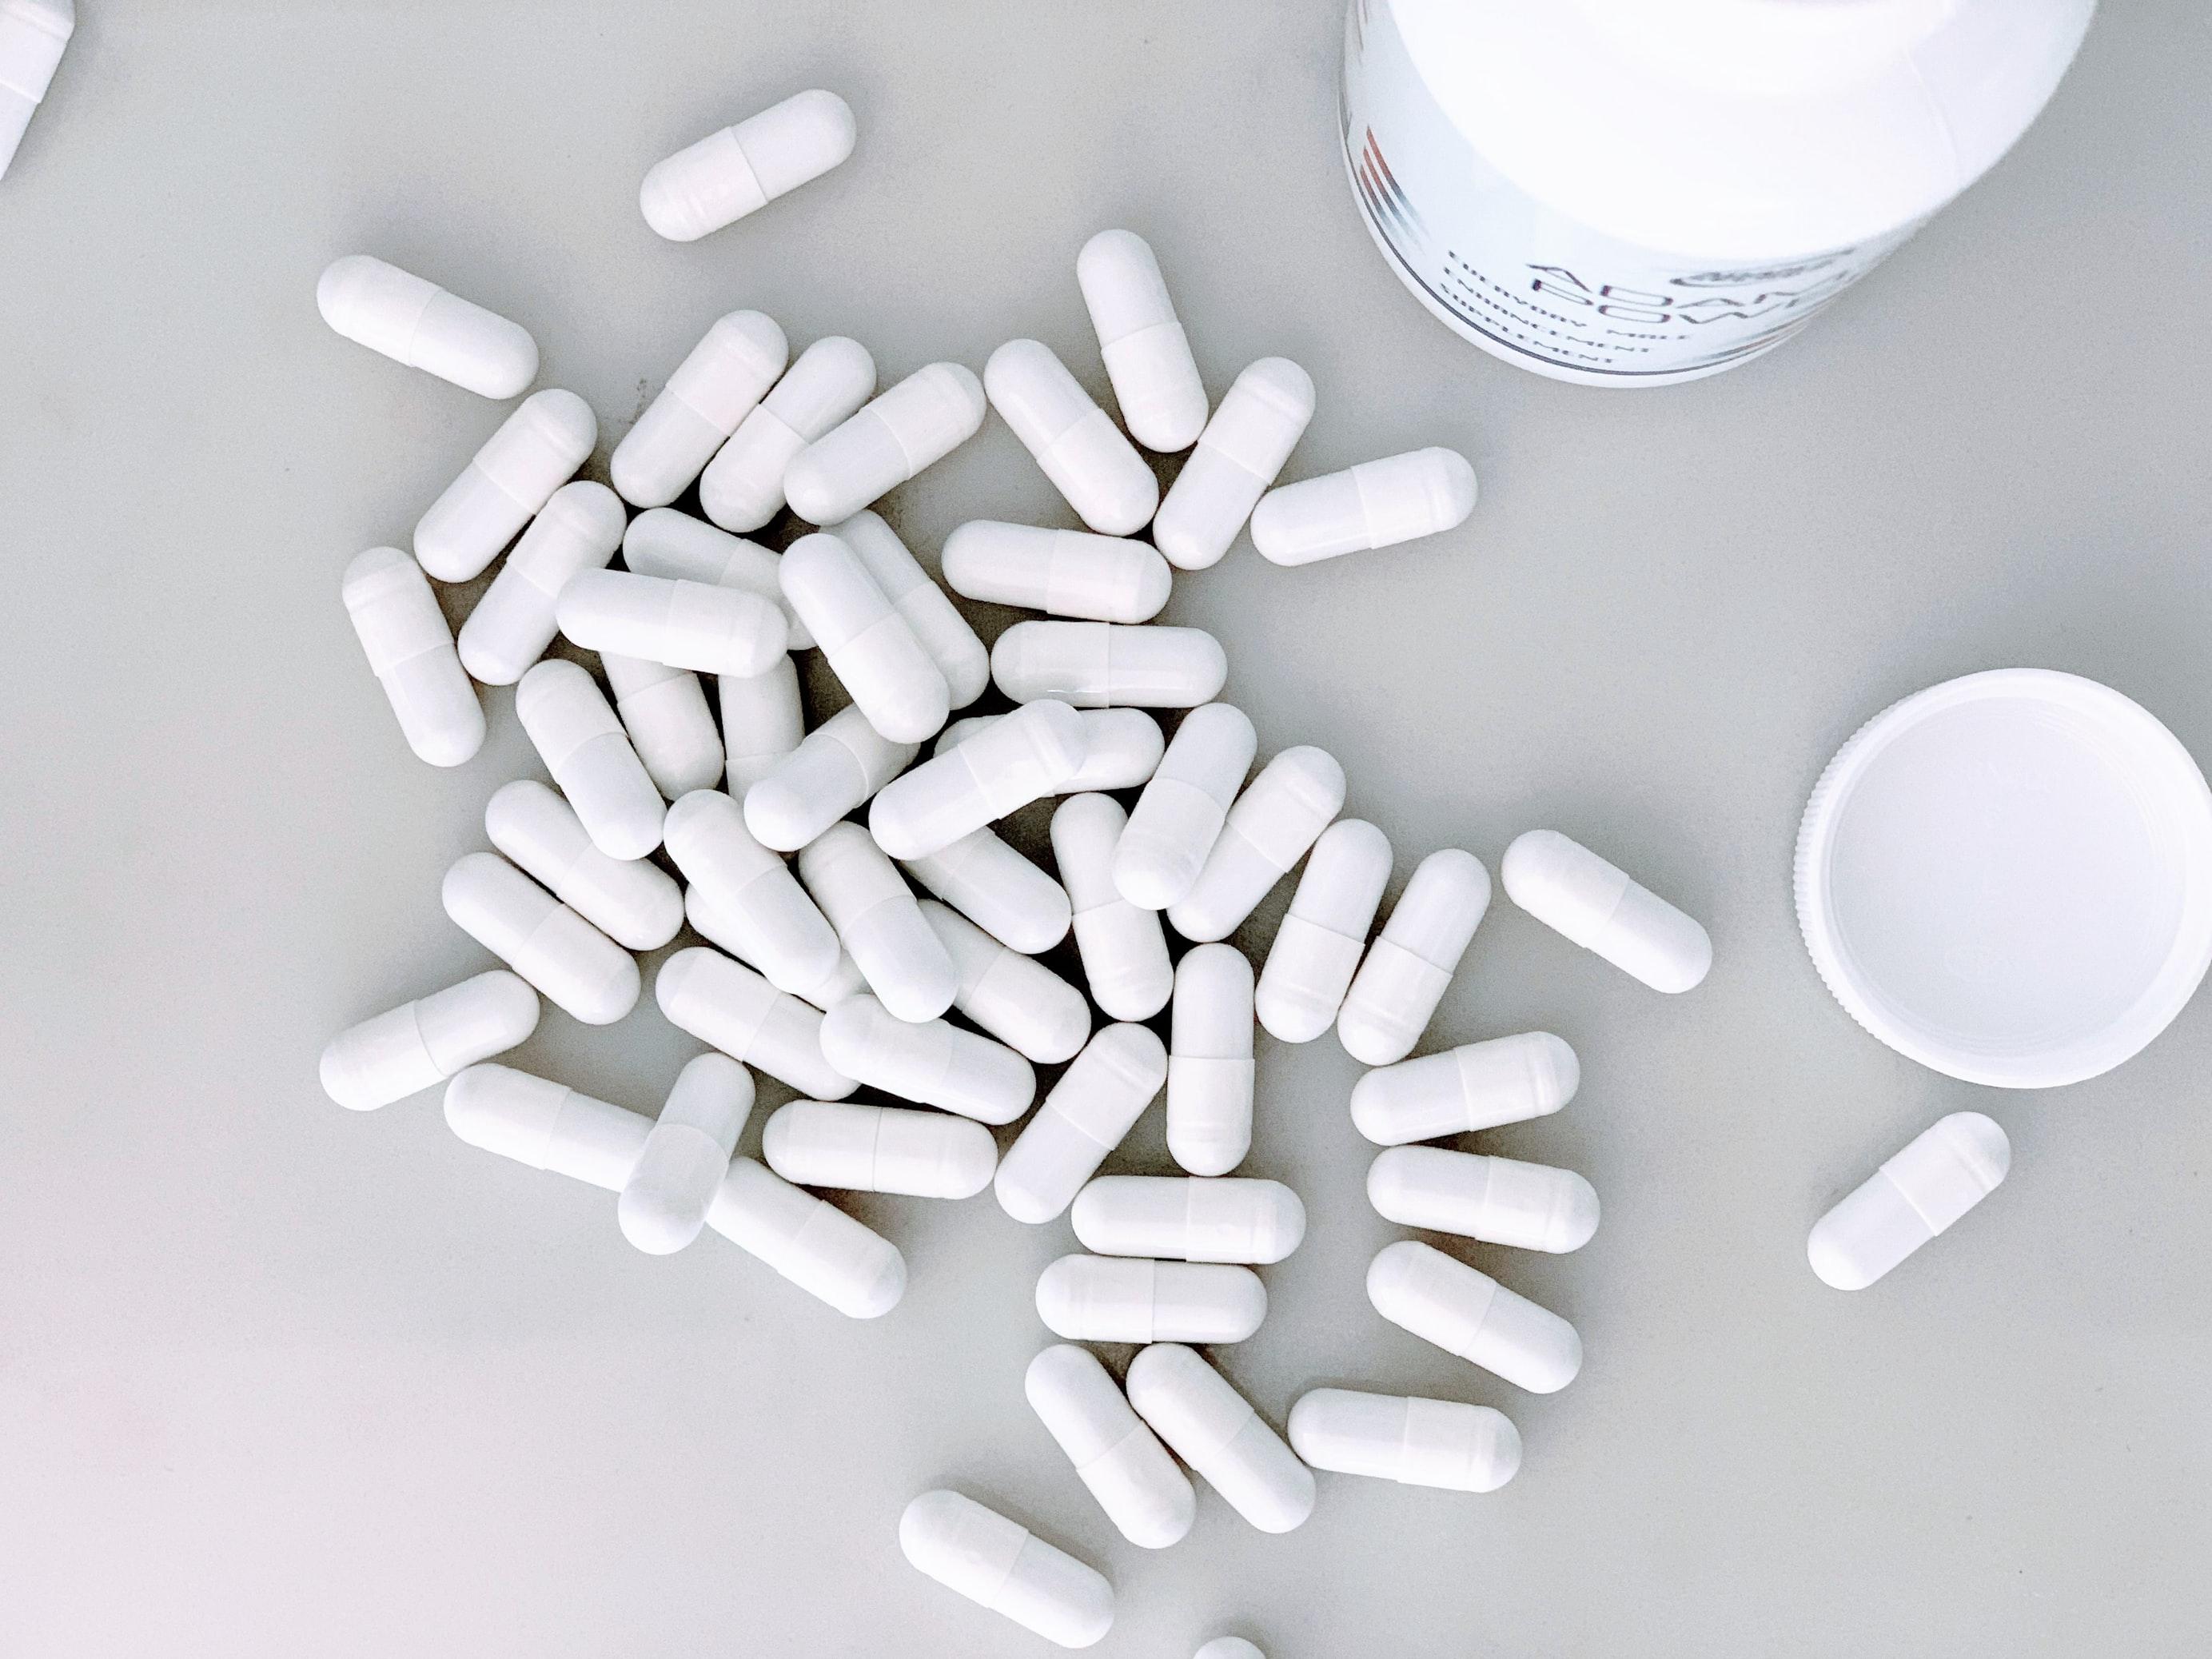 Либидо и противозачаточные таблетки: влияние оральных контрацептивов на женское либидо